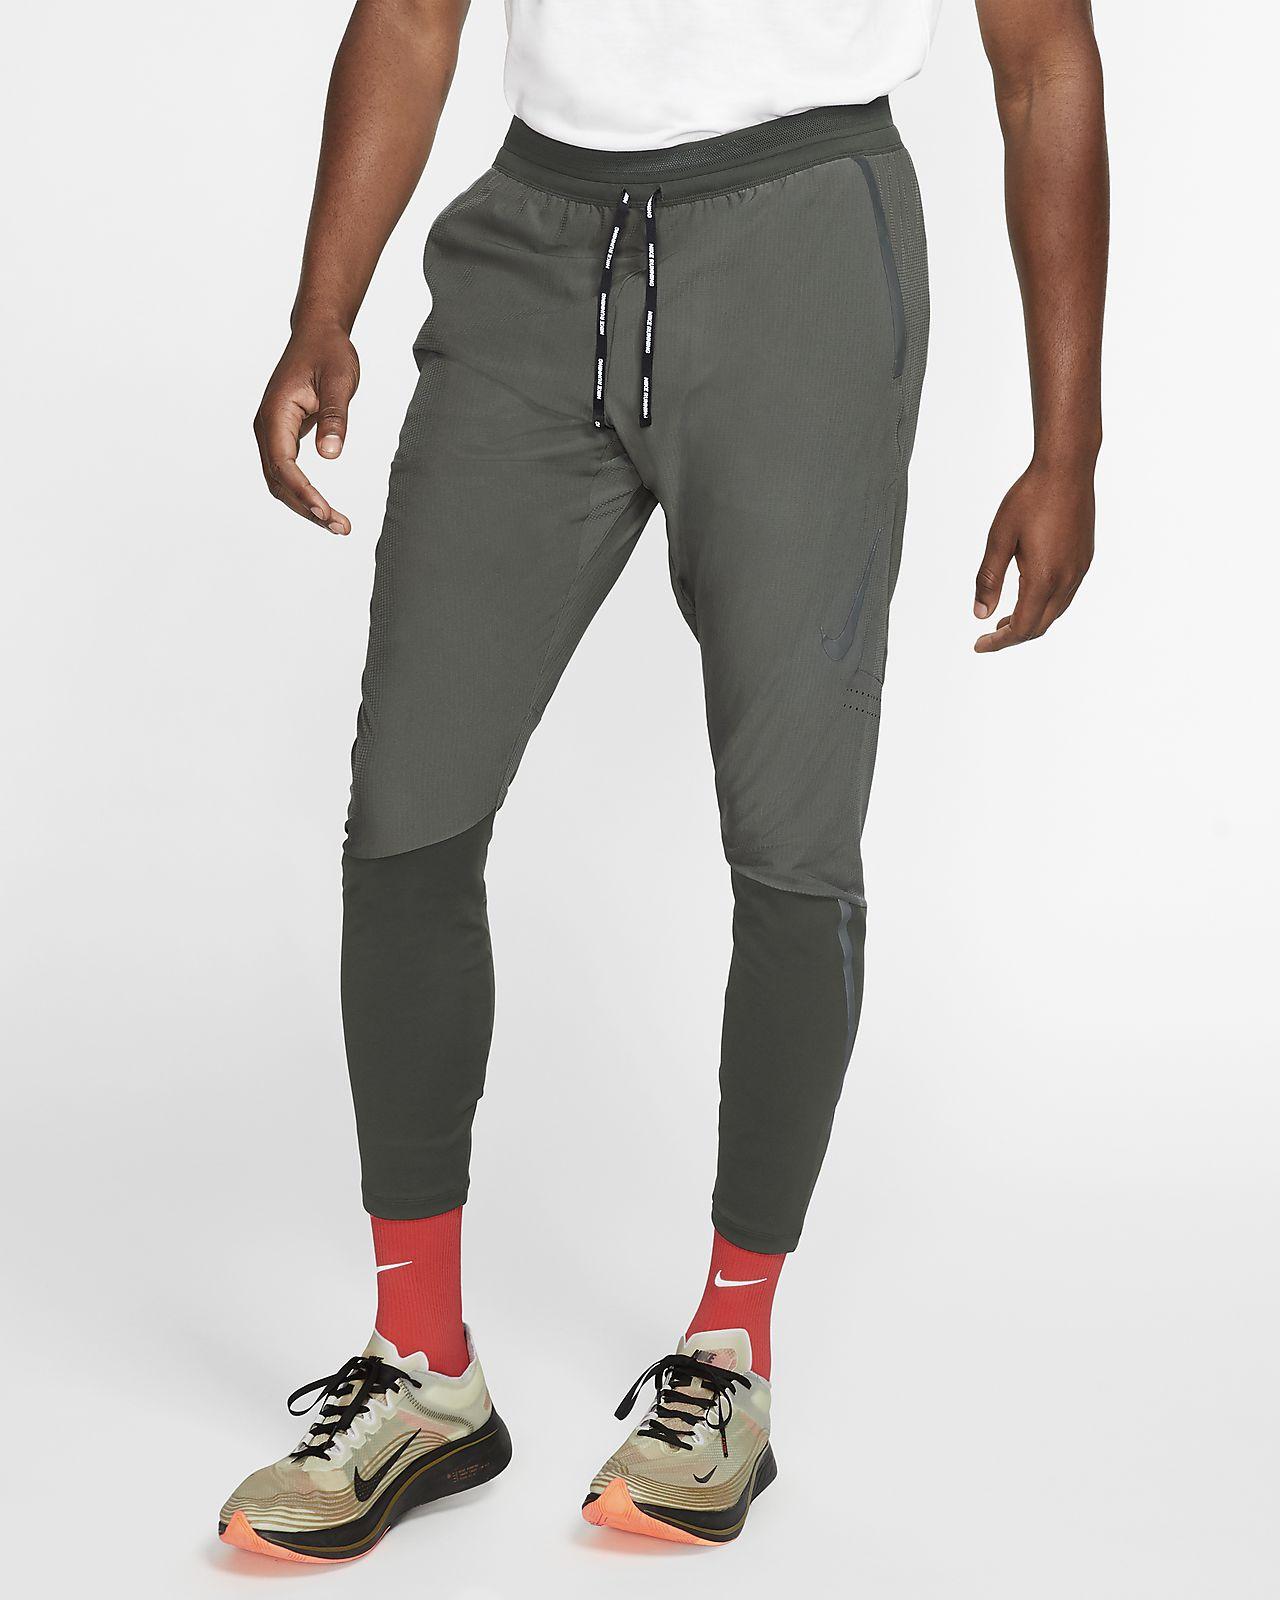 Nike Swift férfi futónadrág